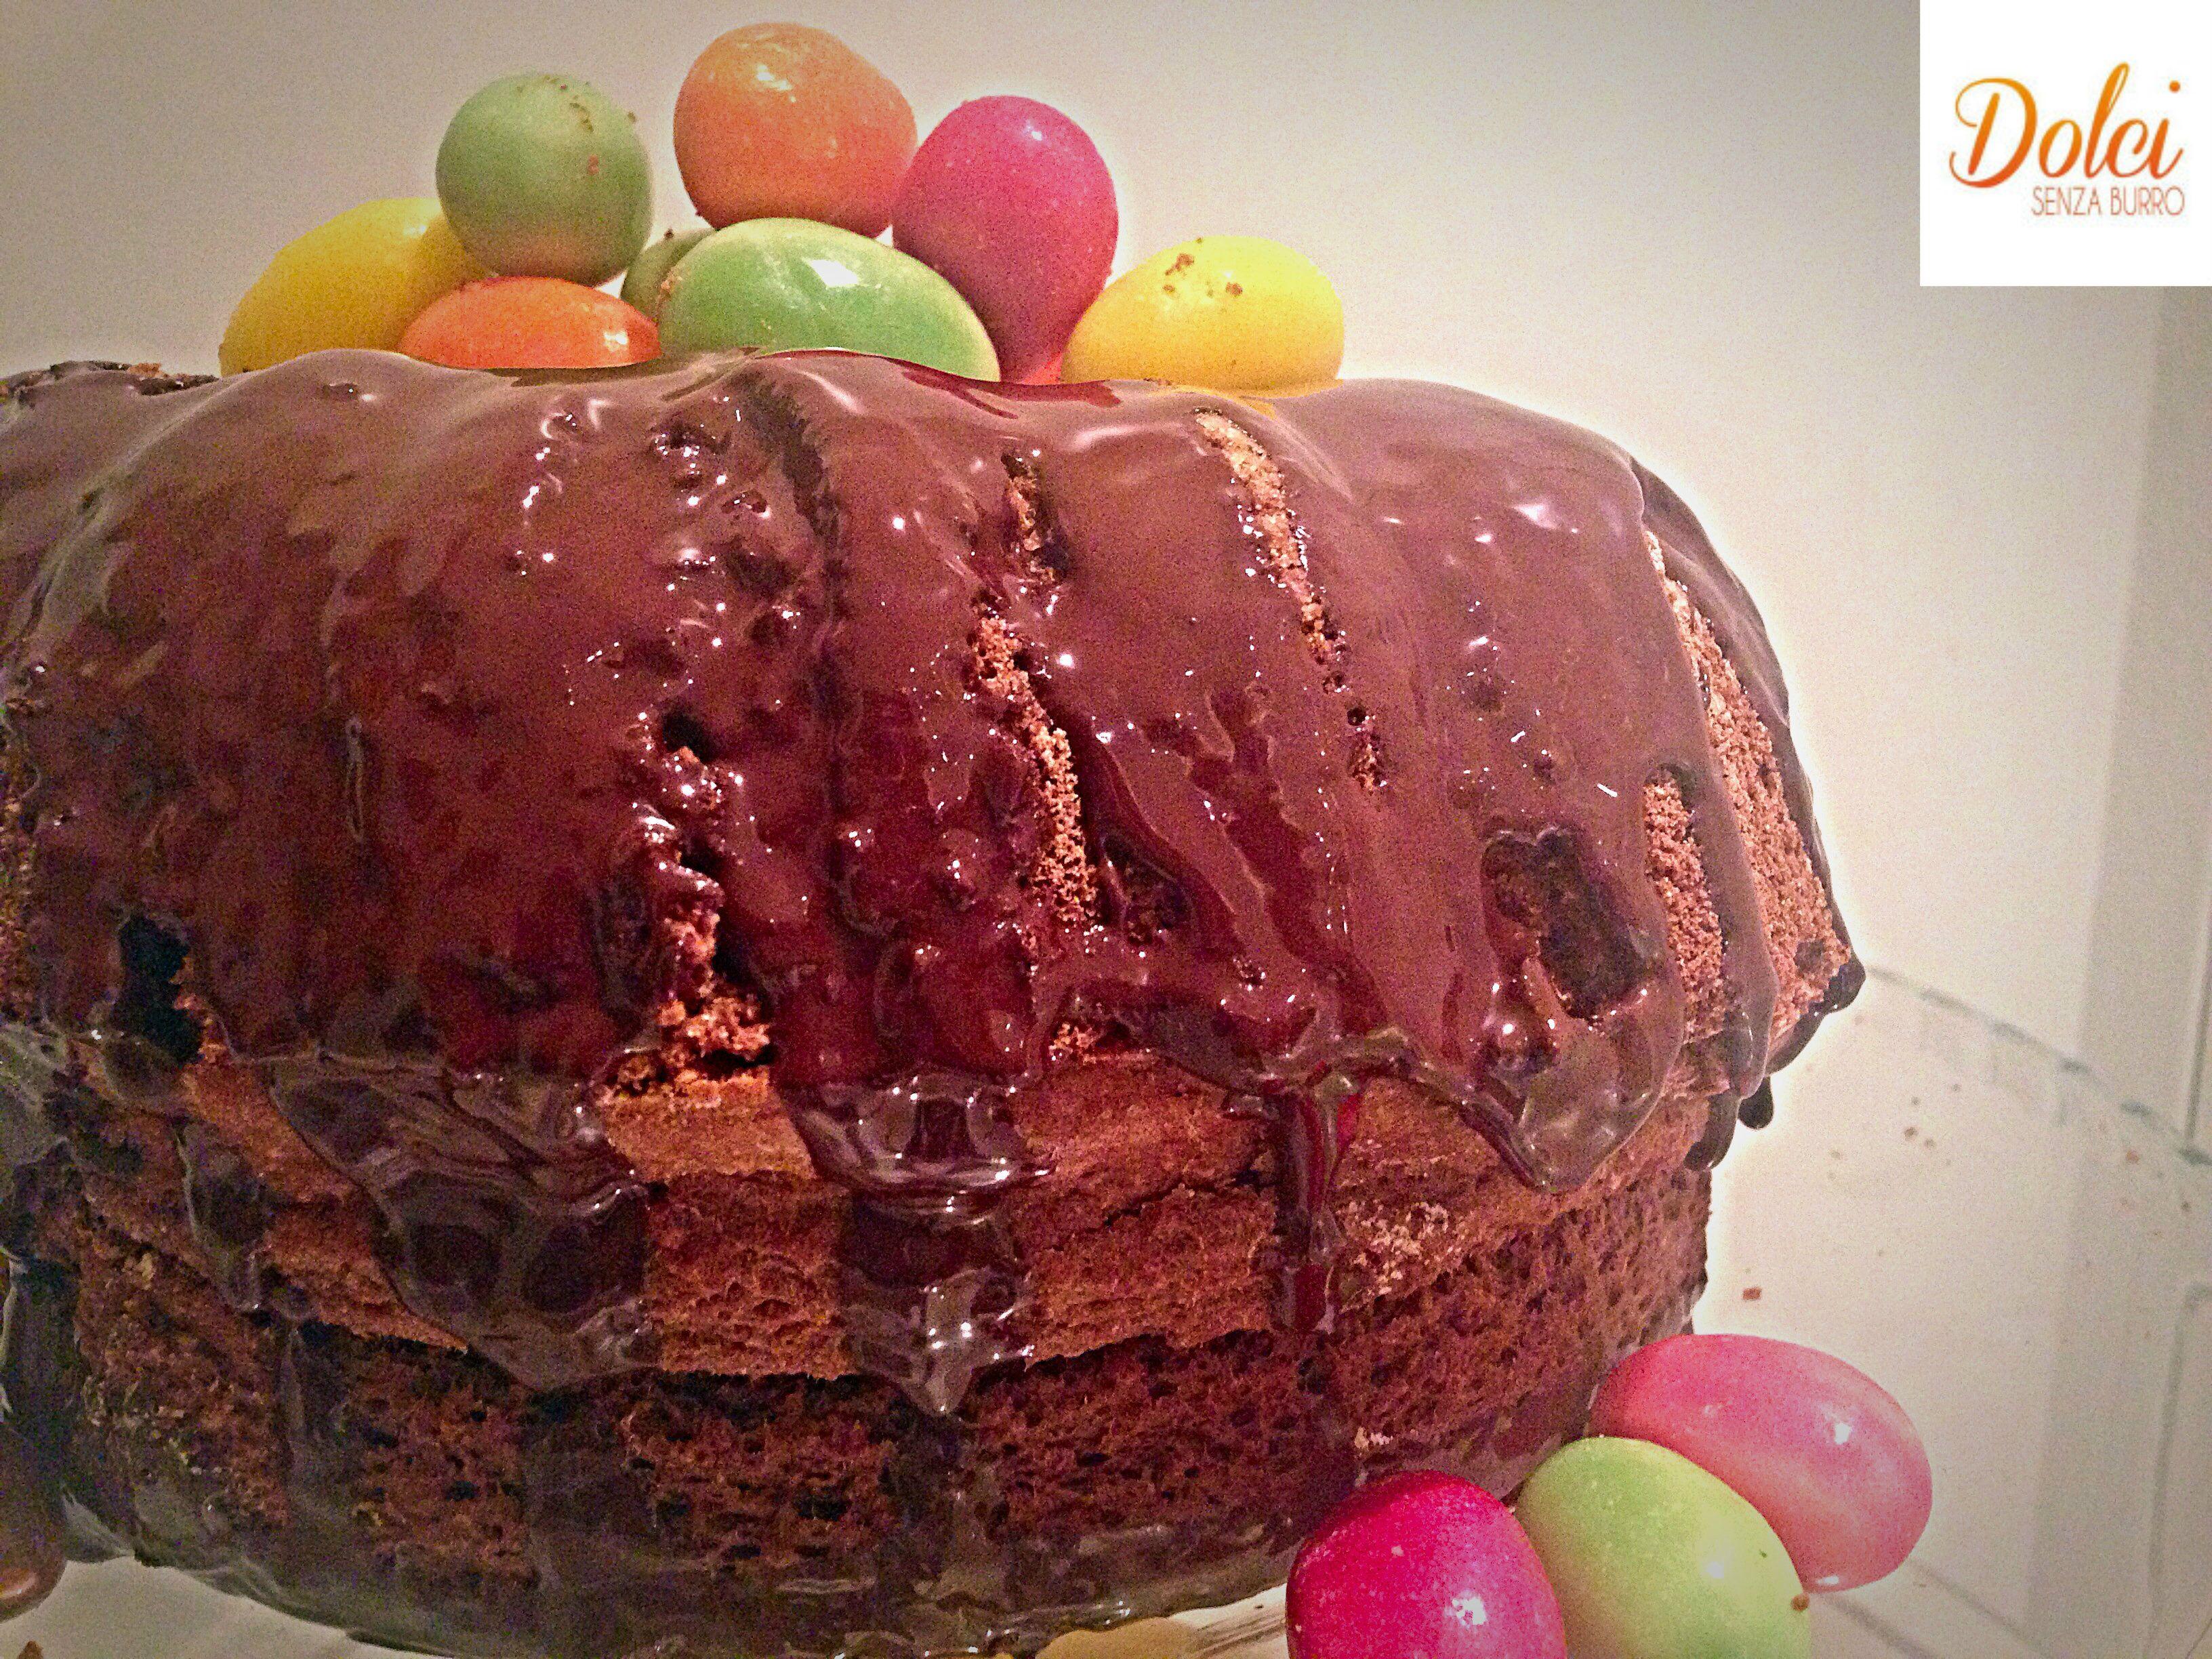 La Torta di Pasqua Senza Burro è realizzata da un semplice ciambellone al cioccolato senza uova e burro simile a un nido pasquale decorato con gli ovetti!